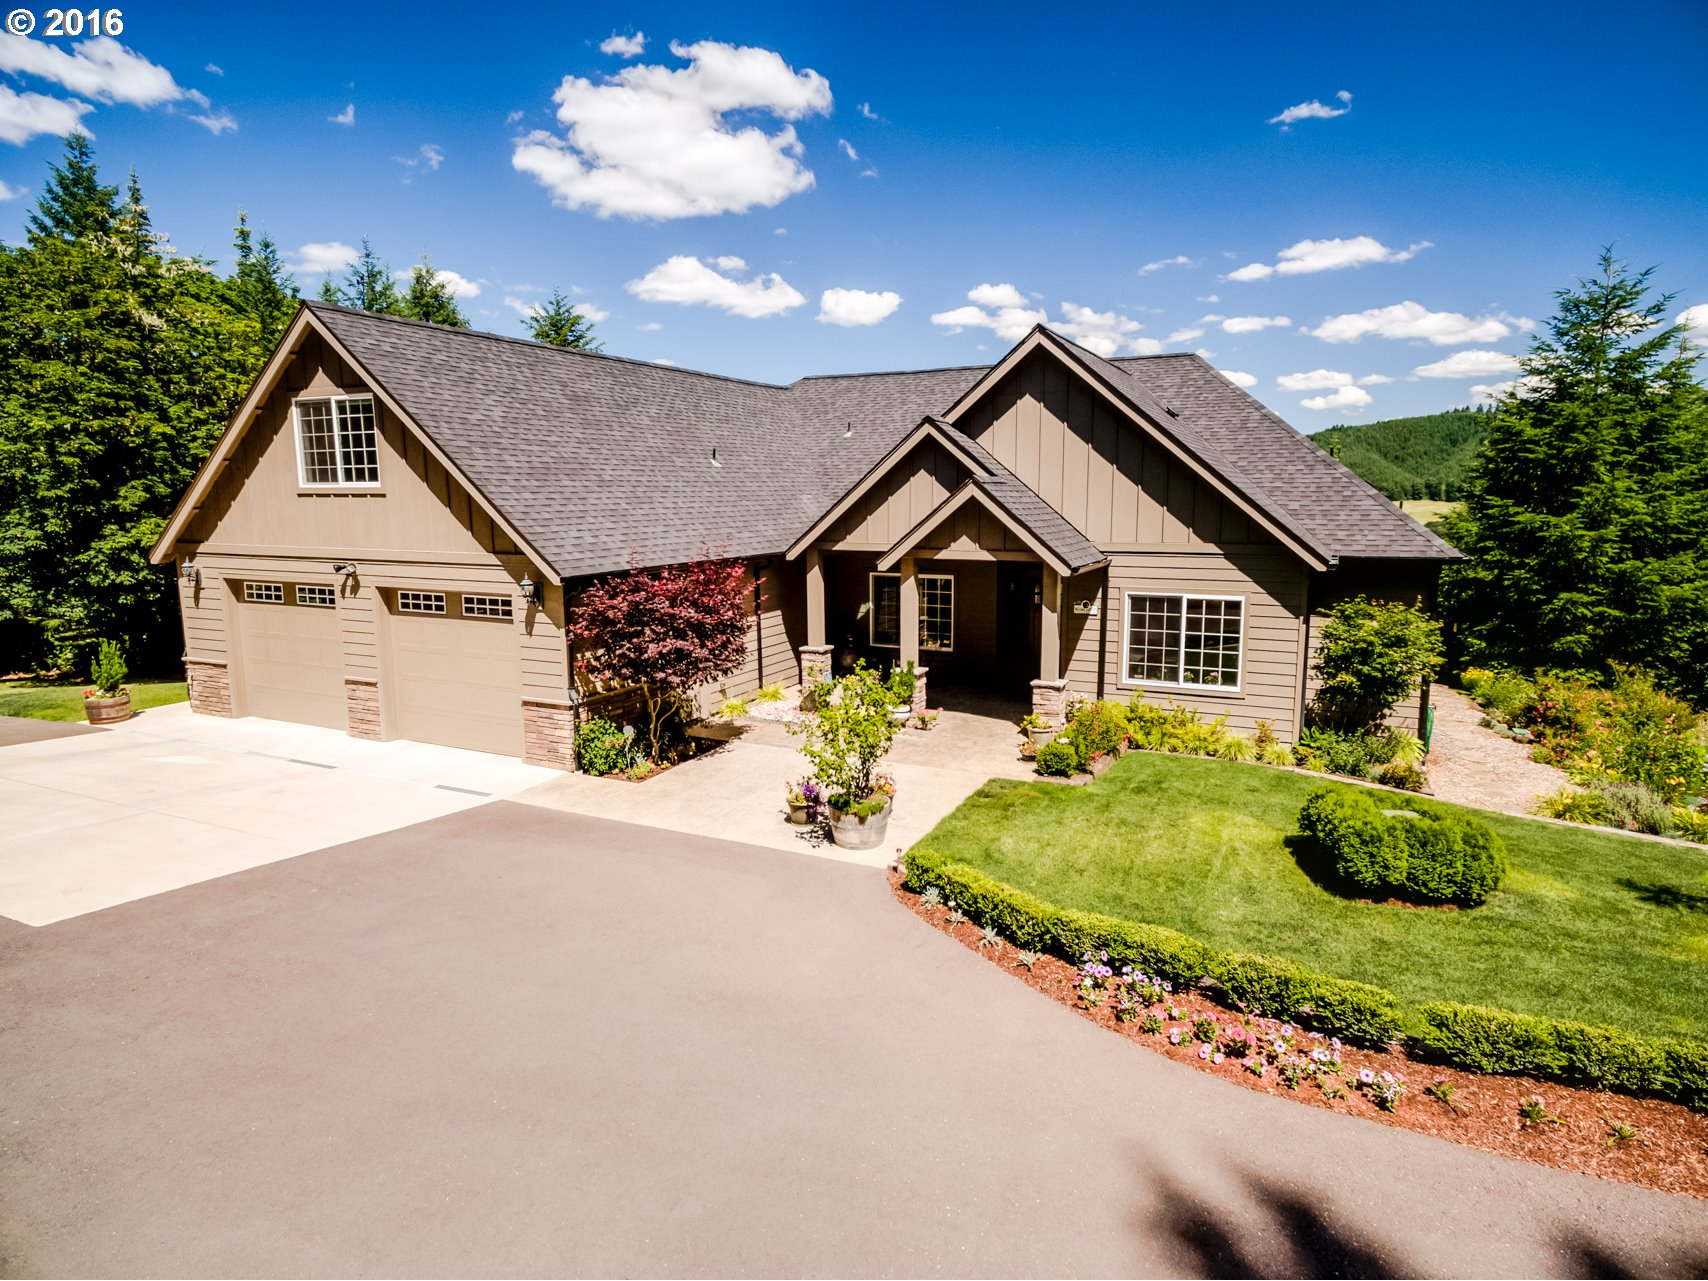 eugene springfield oregon real estate homes for sale